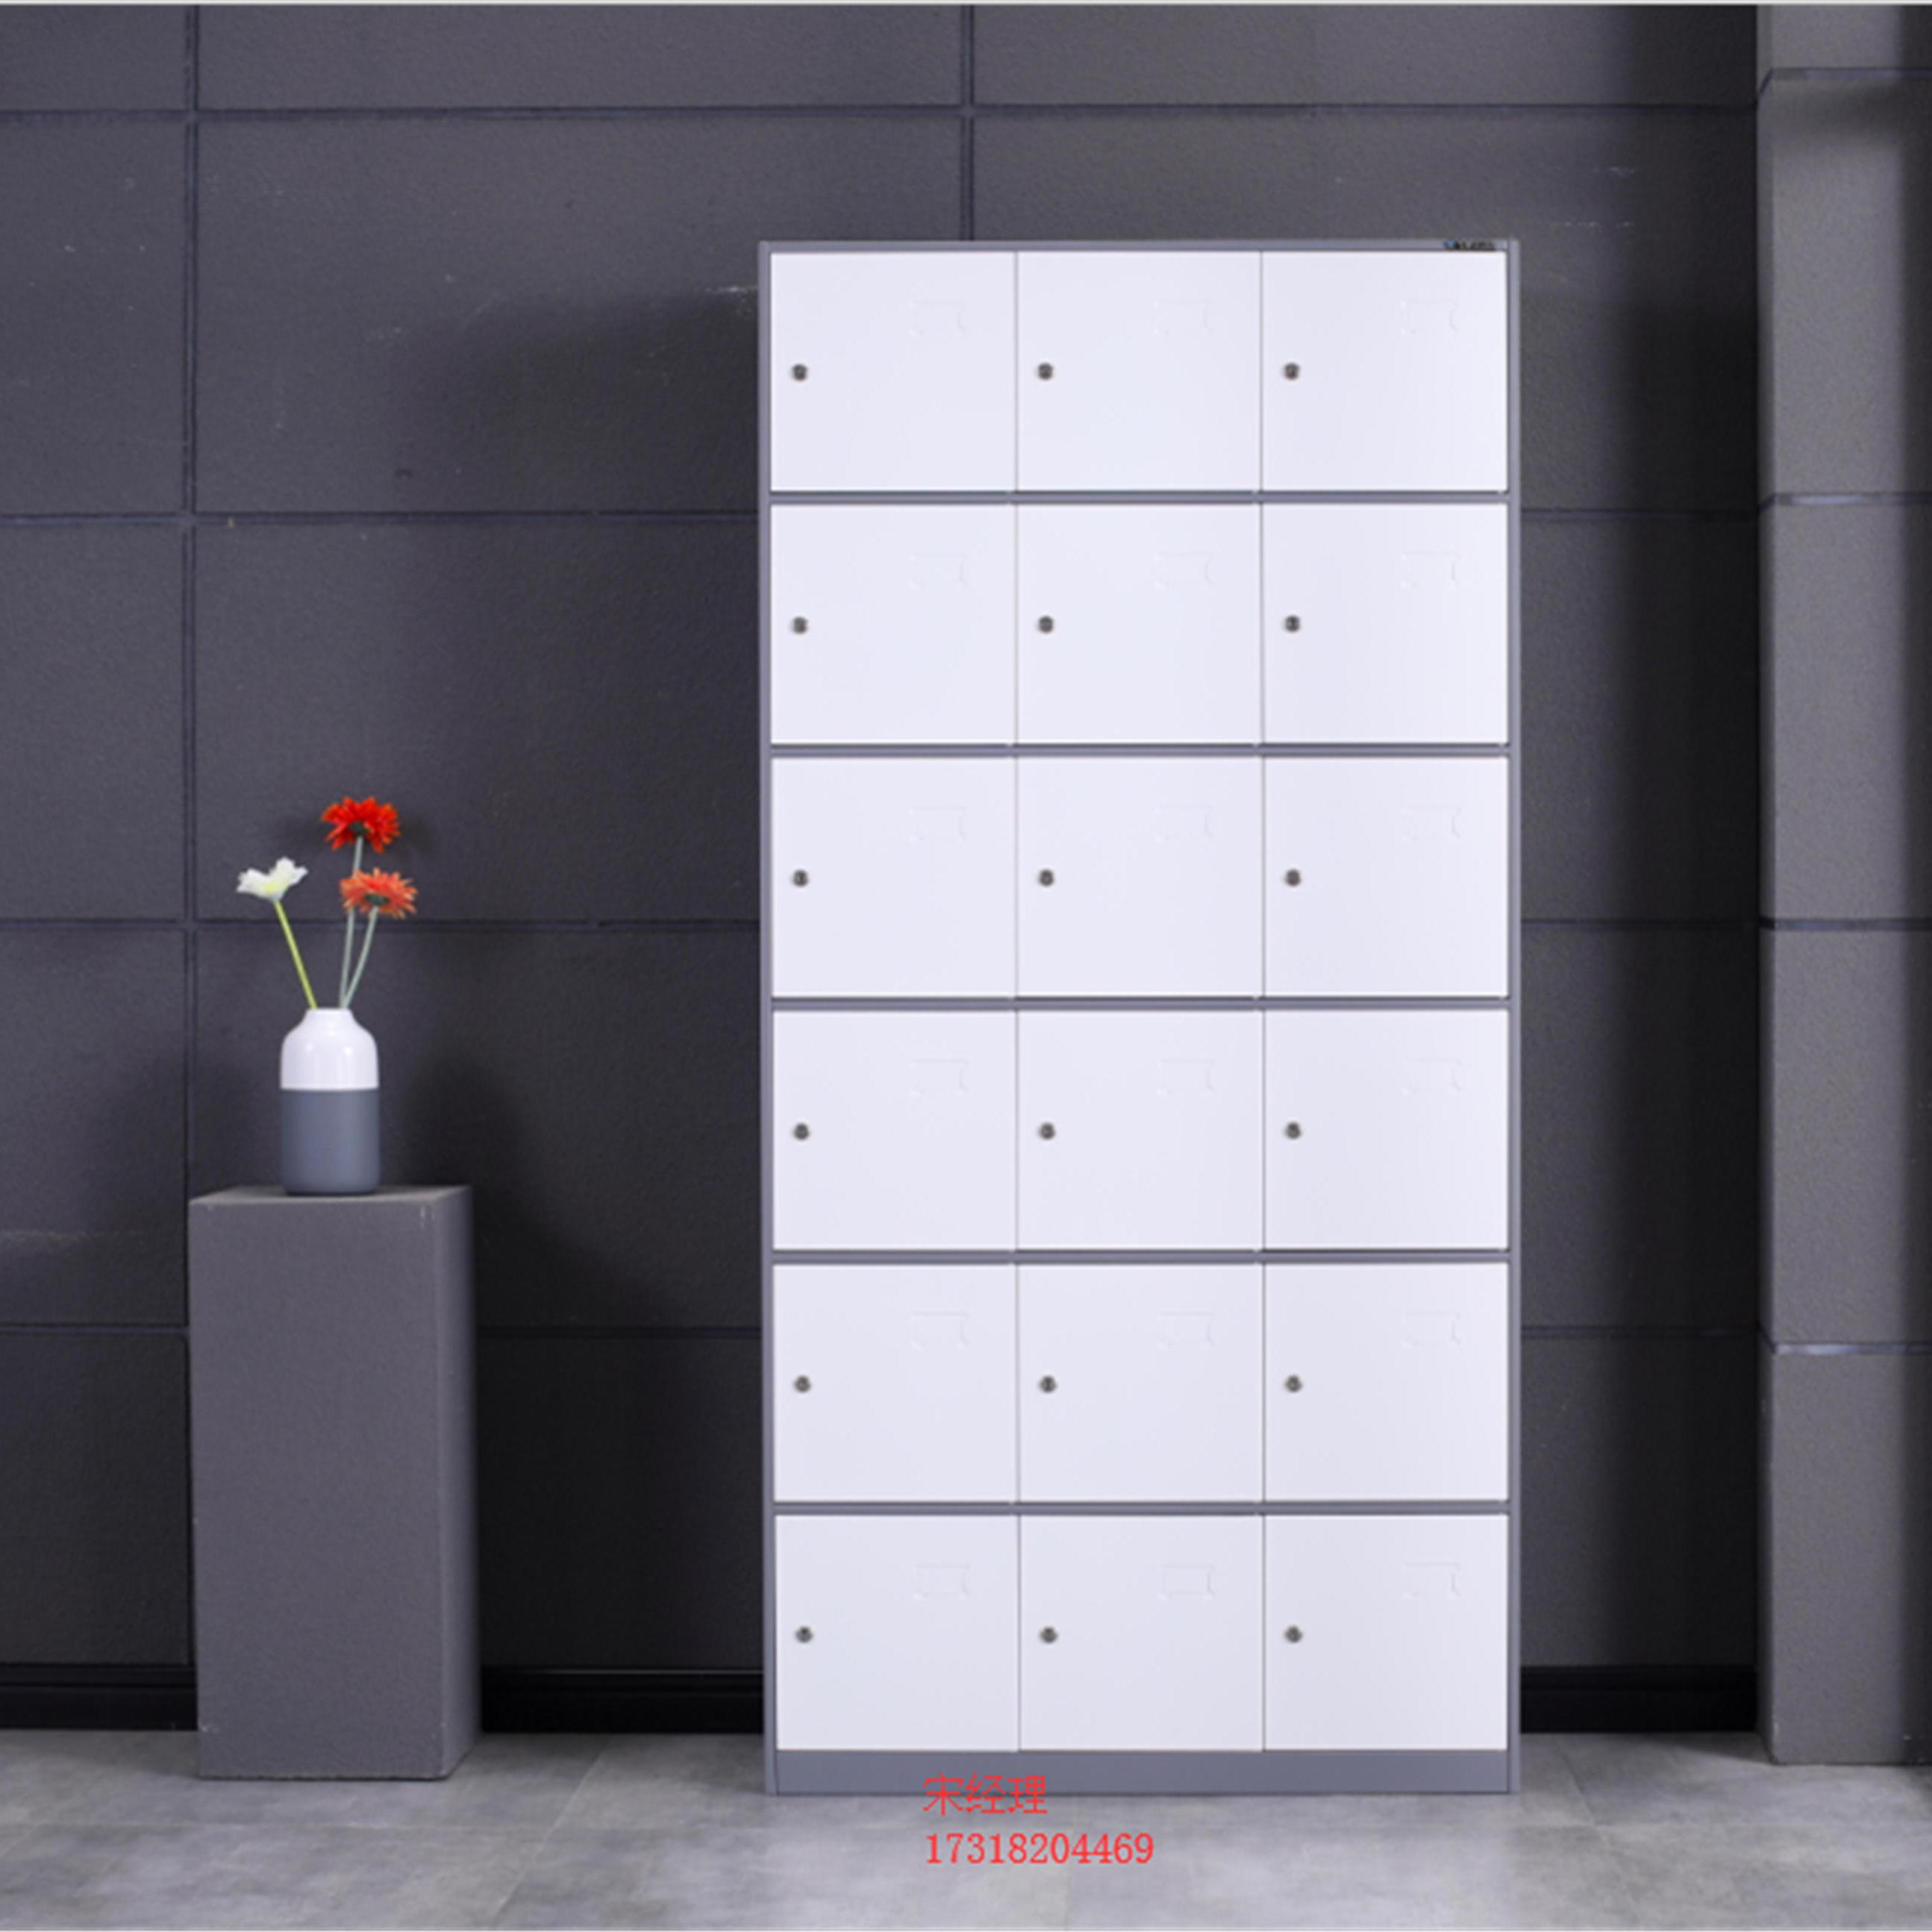 钢制拆装窄边文件柜精品铁皮柜储物柜资料柜档案柜多门柜办公柜子